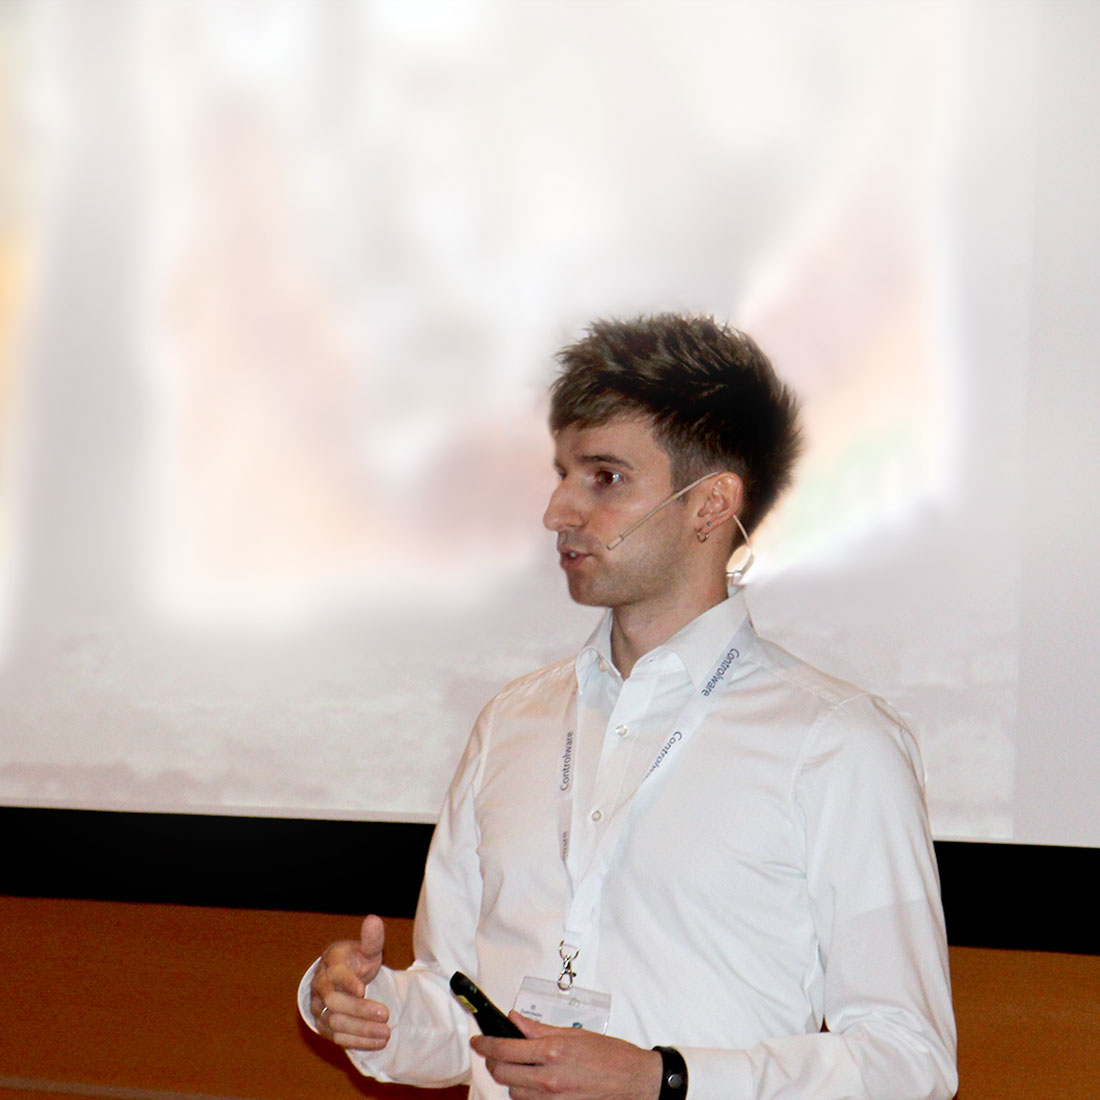 Controlware Security-Experte Nils Rogmann bei einem Vortrag.